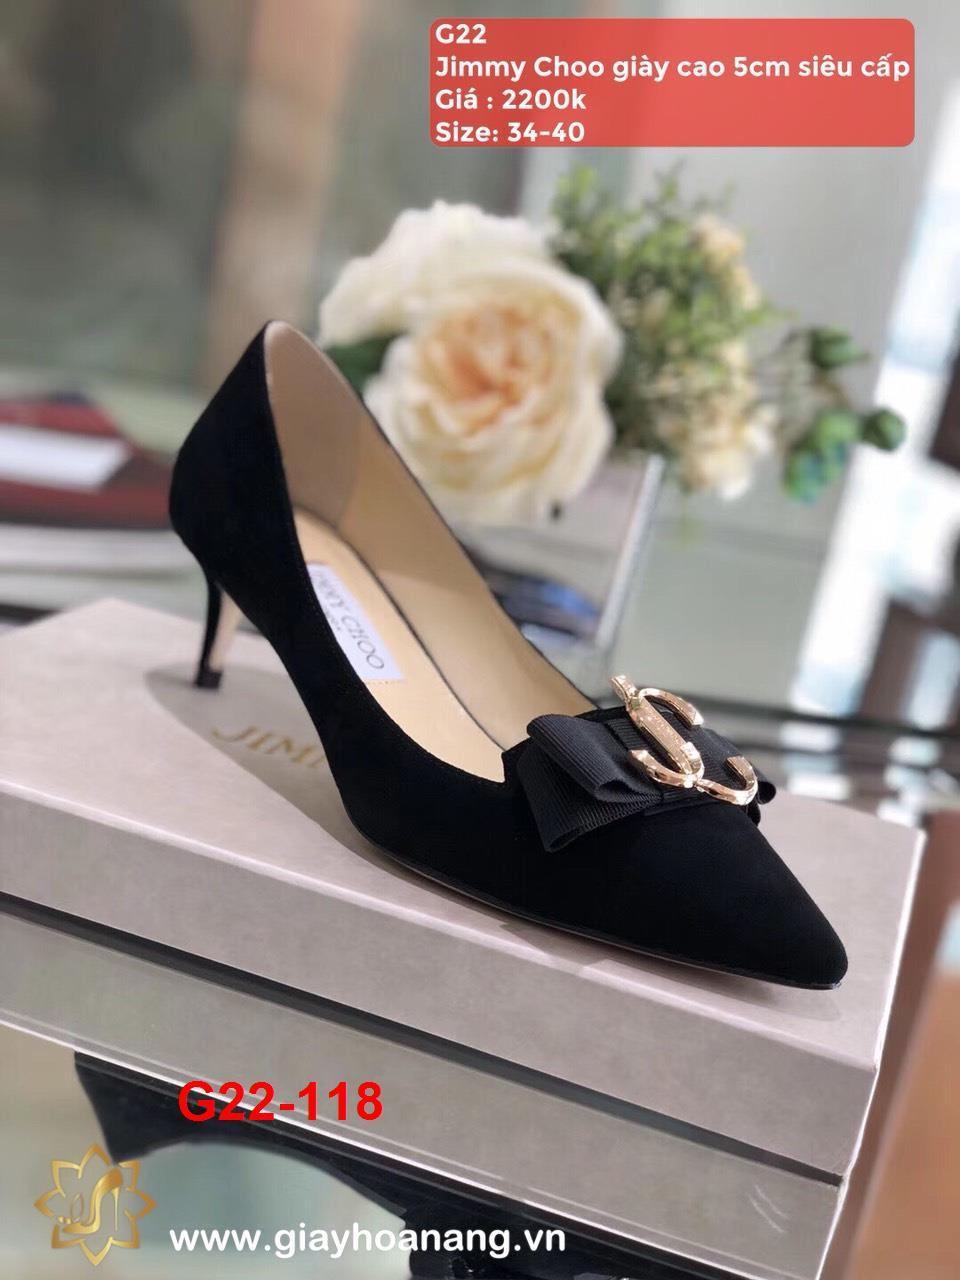 G22-118 Jimmy Choo giày cao 5cm siêu cấp